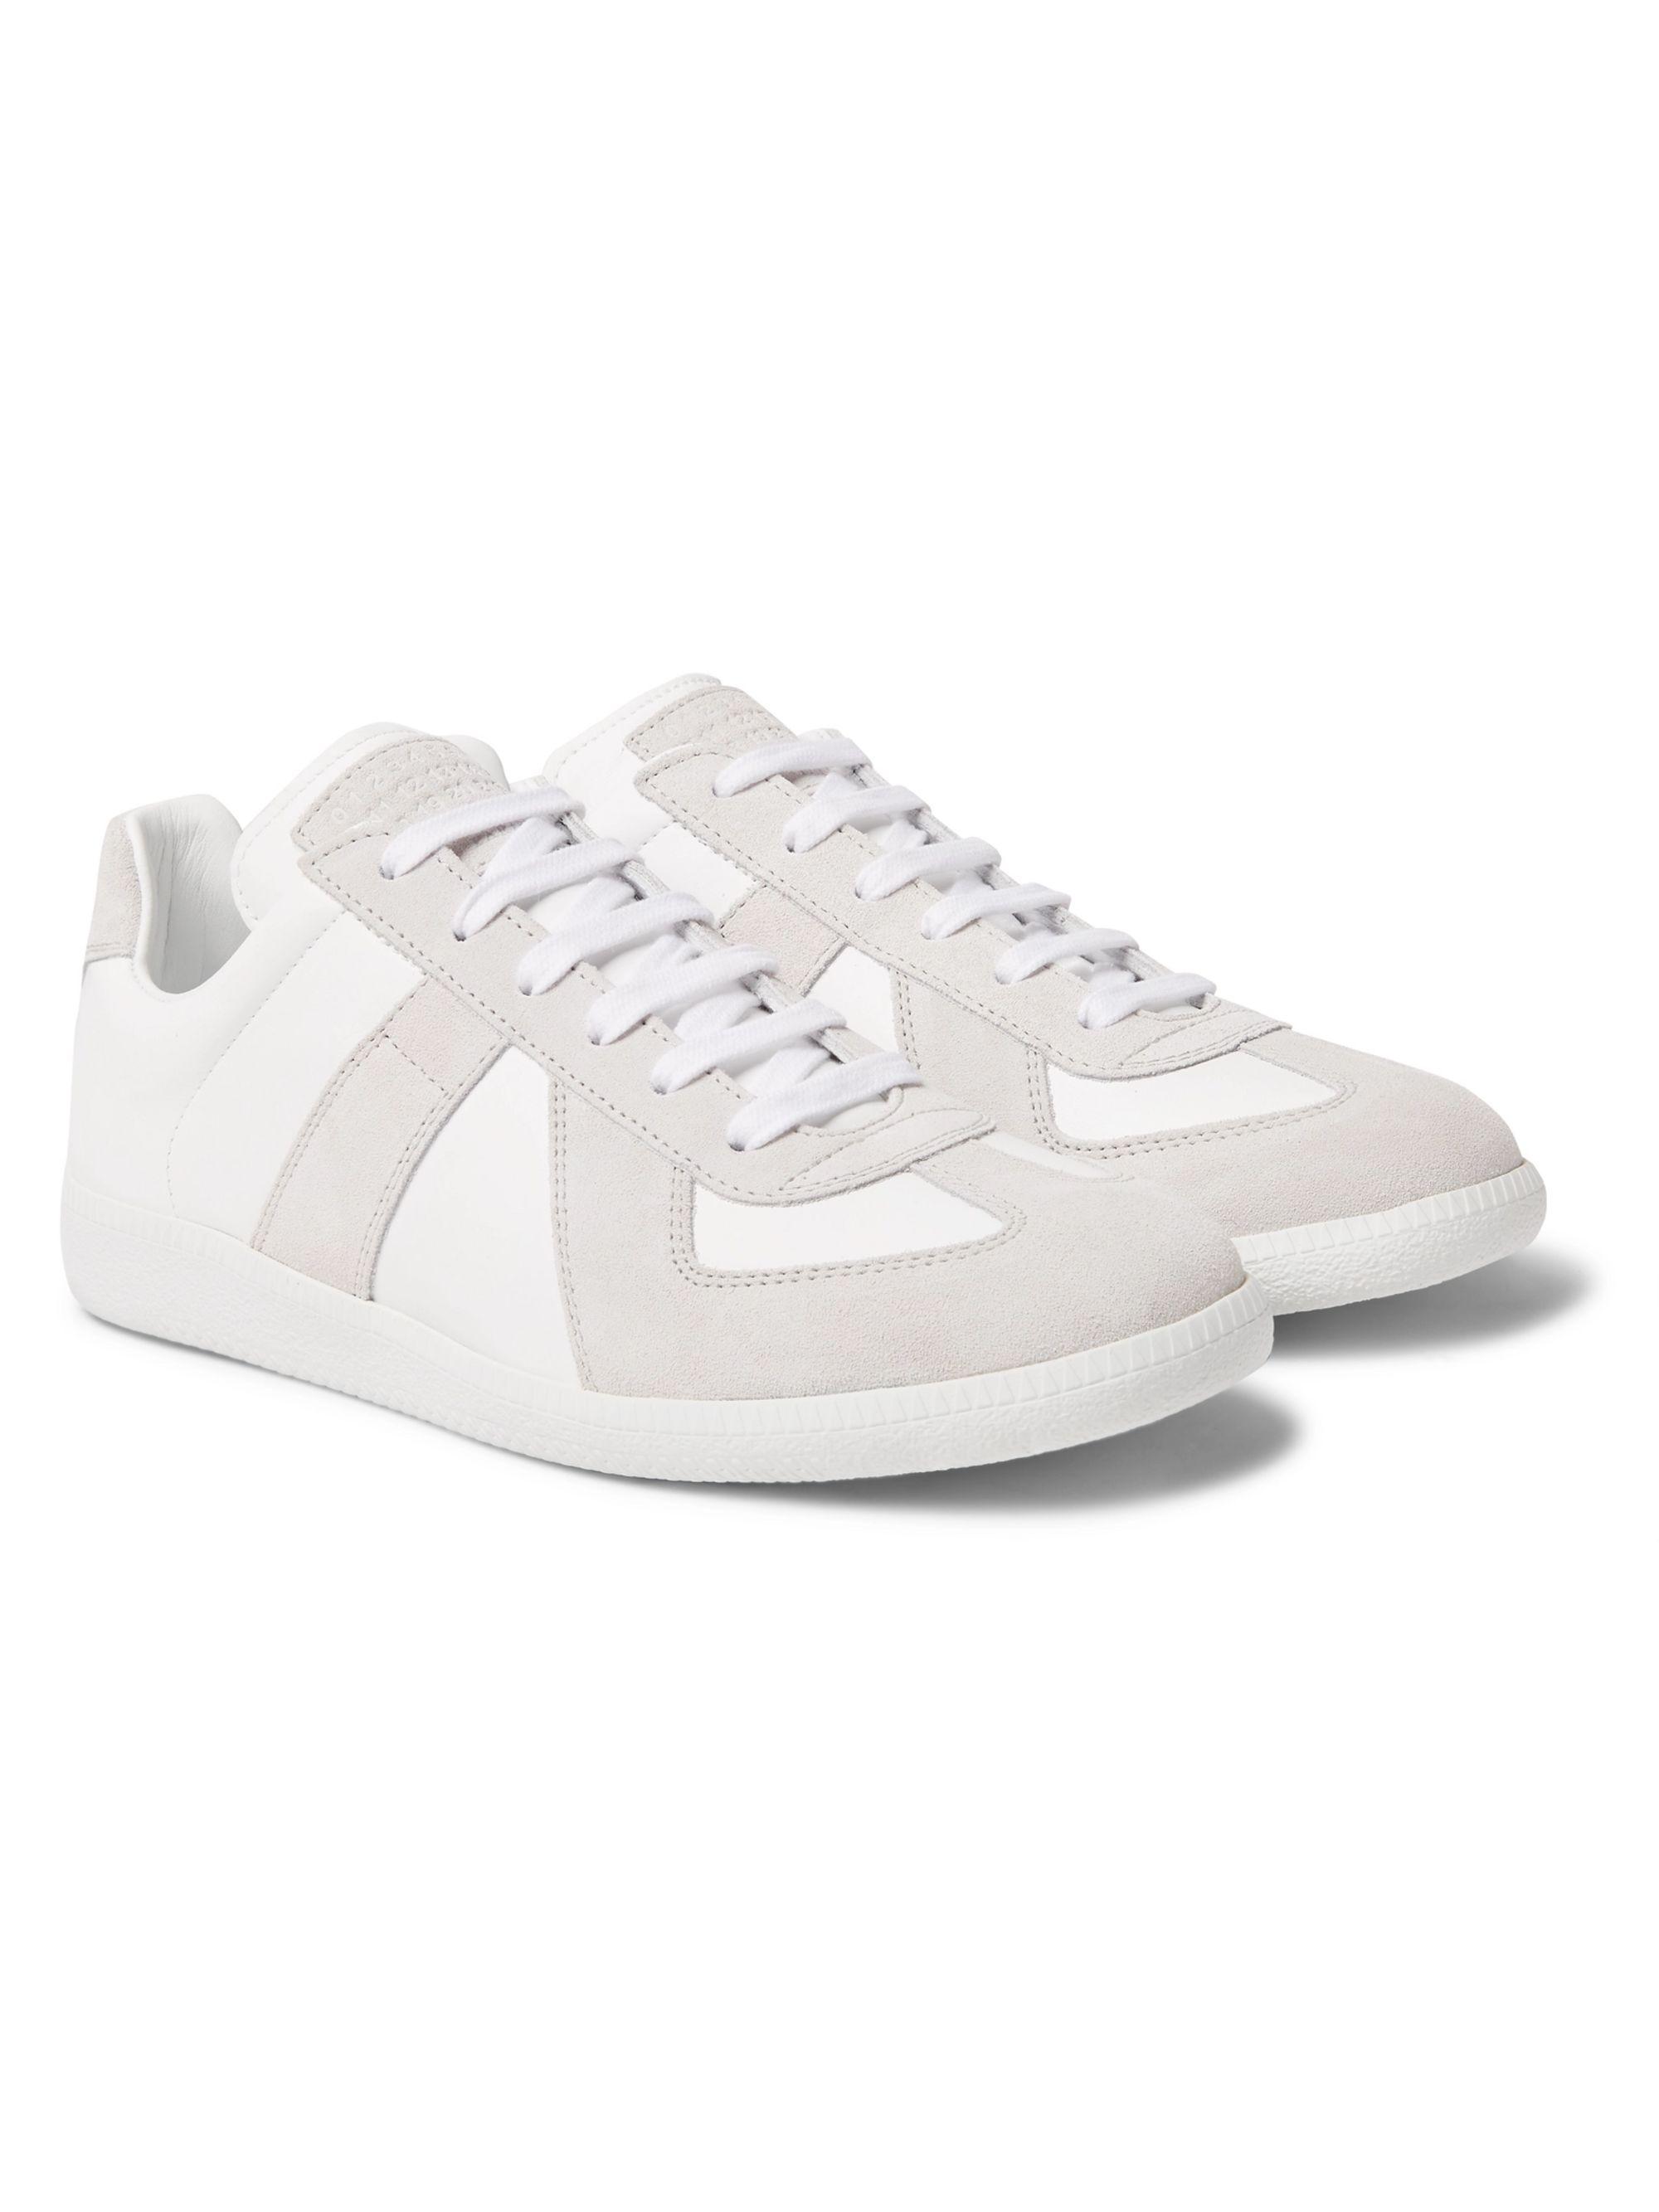 bcc6a089494 Maison Margiela Sneakers | MR PORTER